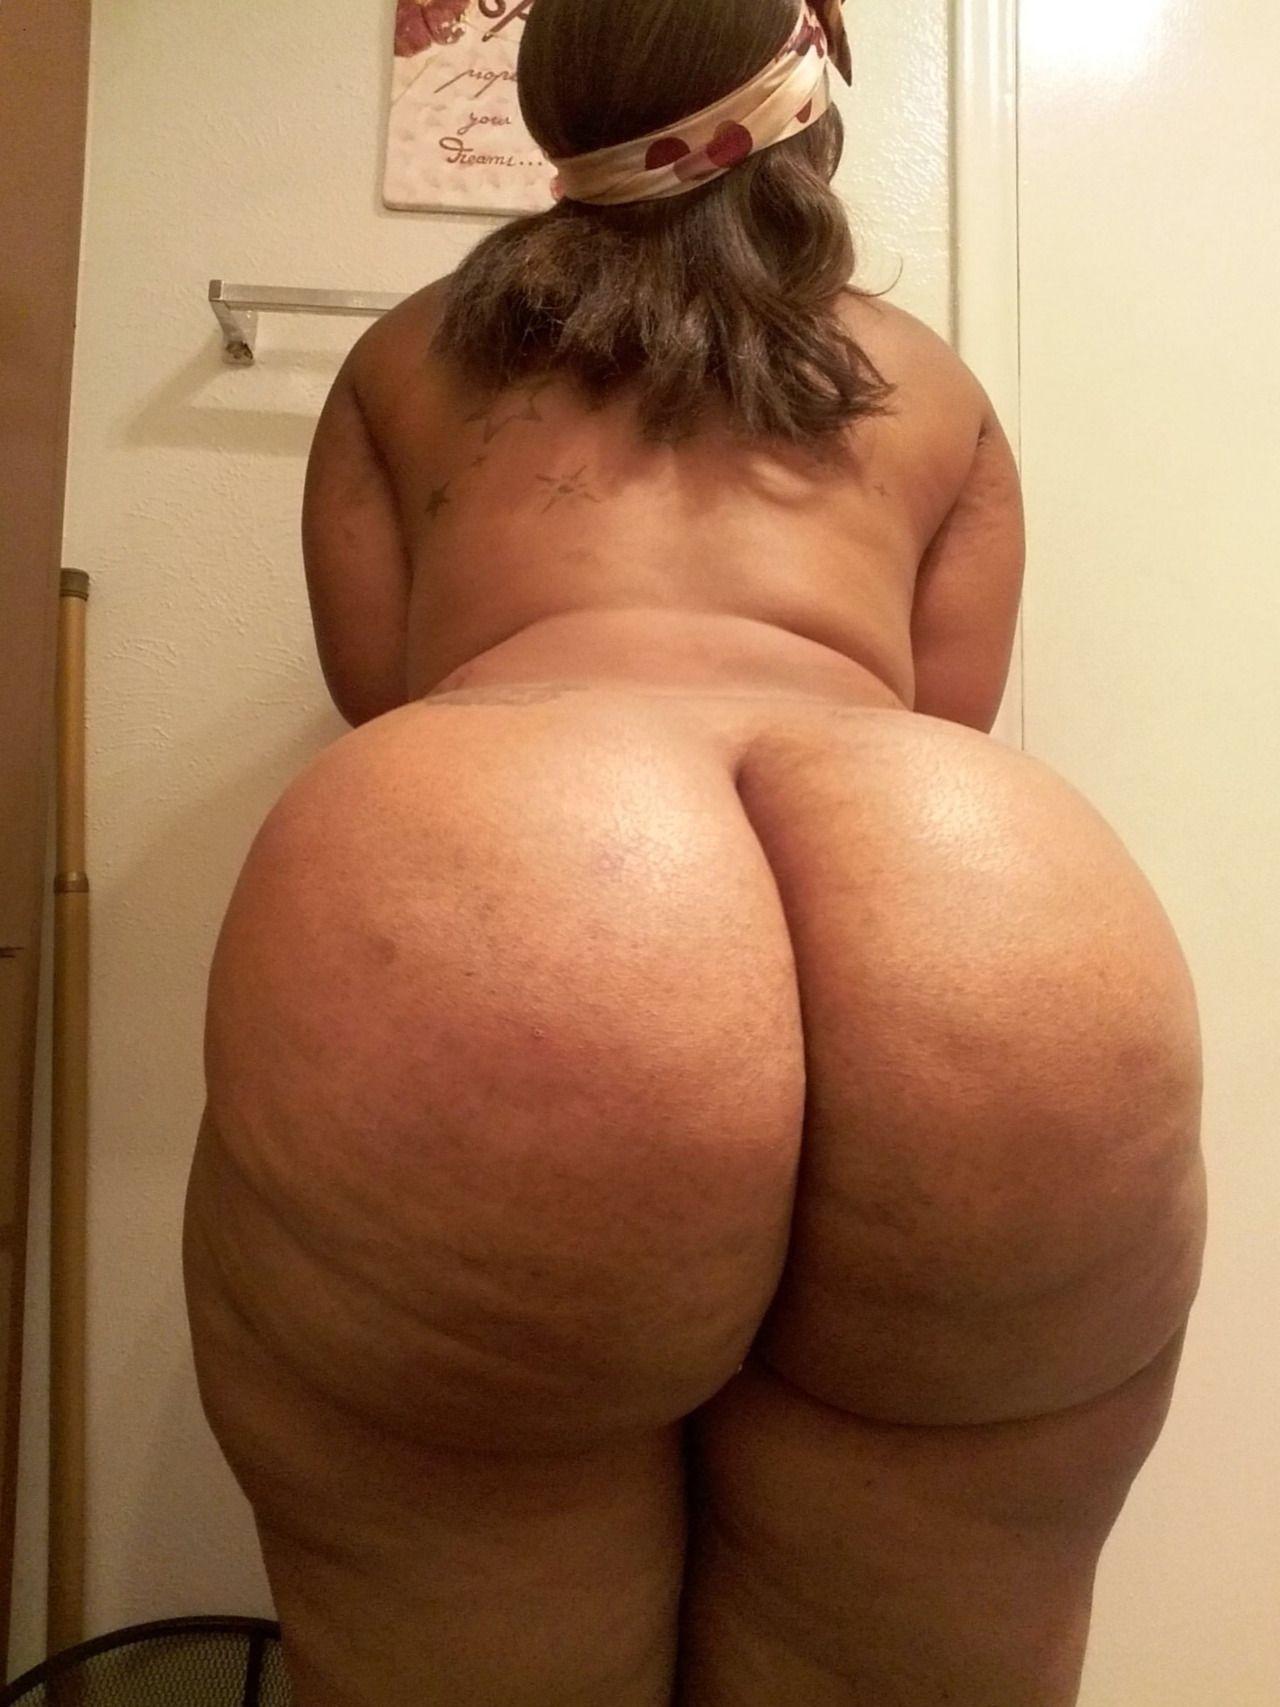 толстые жопы девок фото начала